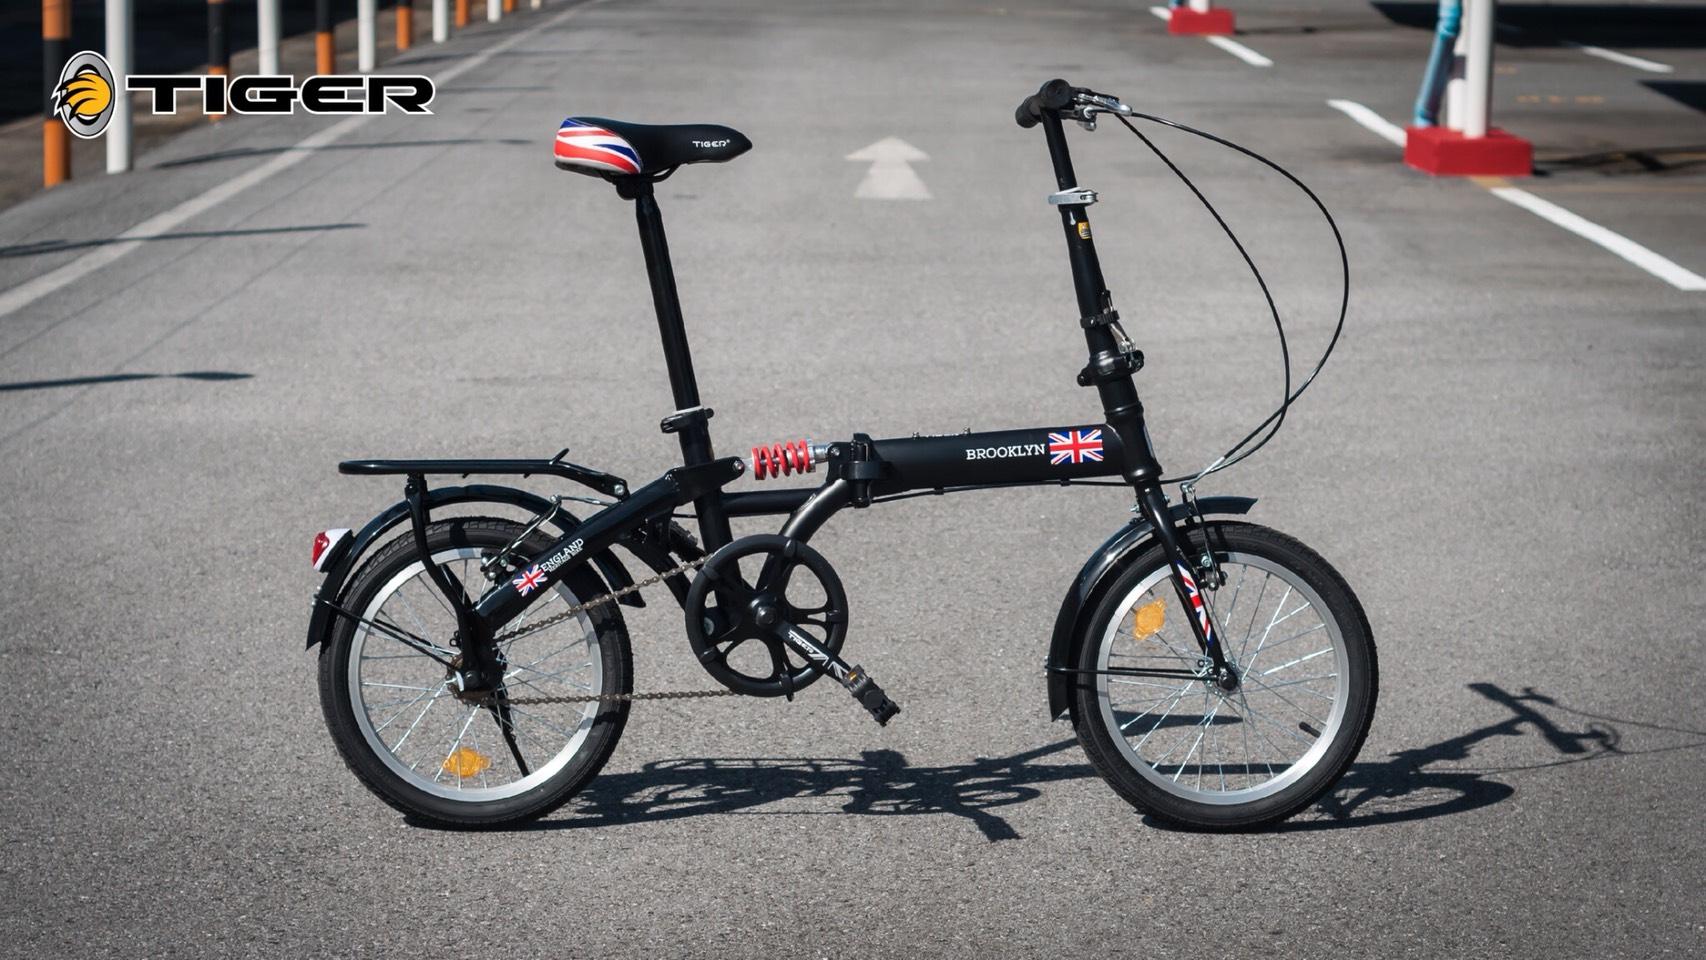 จักรยานพับ ล้อ 16 นิ้ว Tiger รุ่น Brooklyn เฟรมเหล็ก สีดำ โช๊คหลัง Single Speed